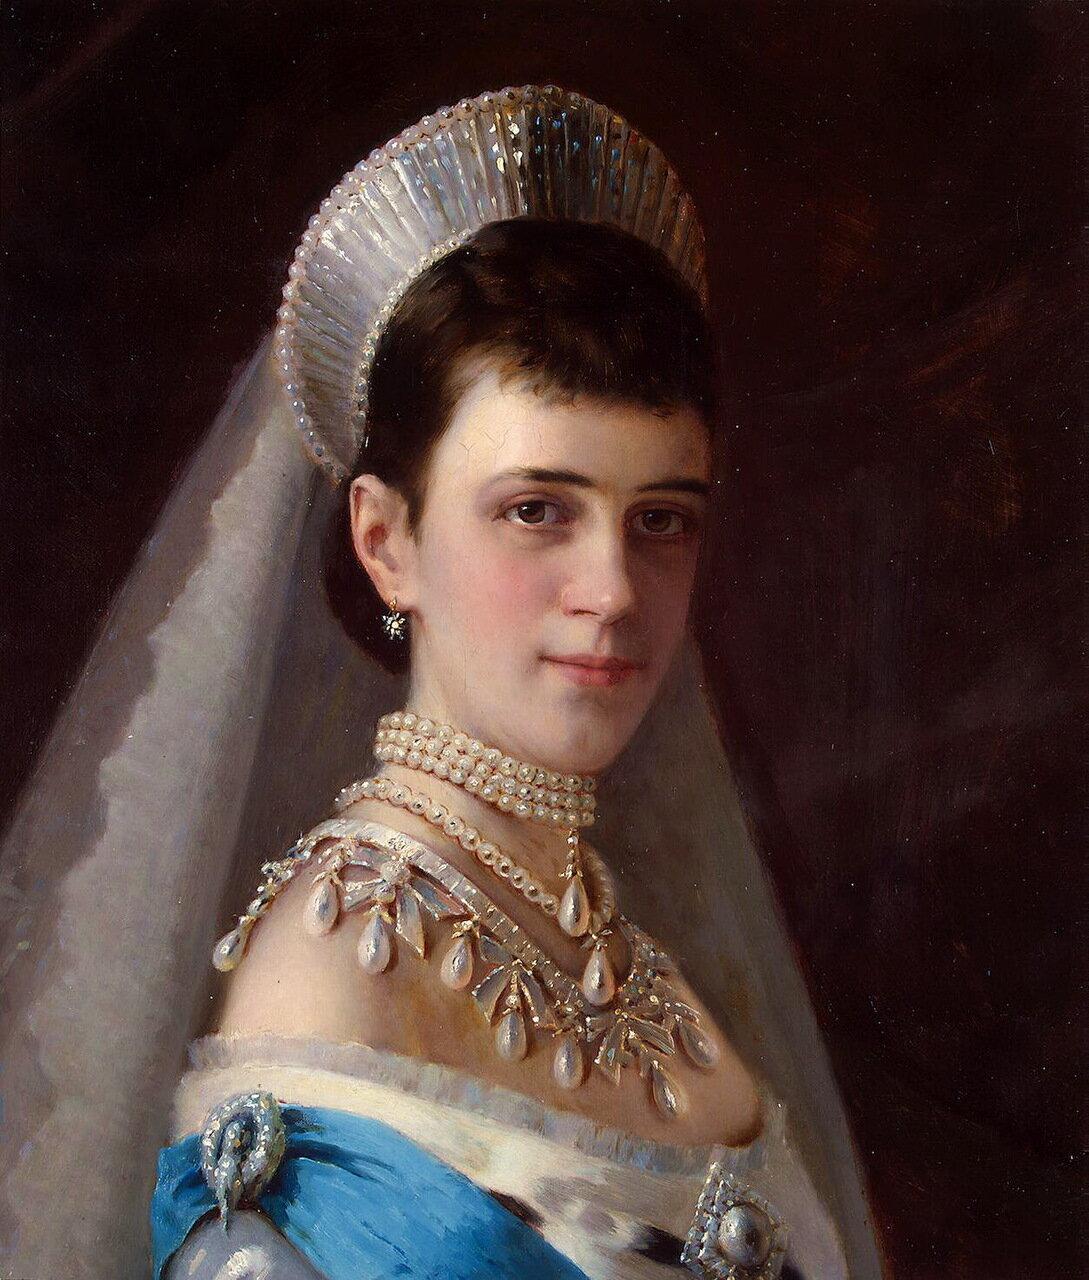 Иван Николаевич Крамской (1837-1887). Портрет императрицы Марии Фёдоровны в жемчужном уборе